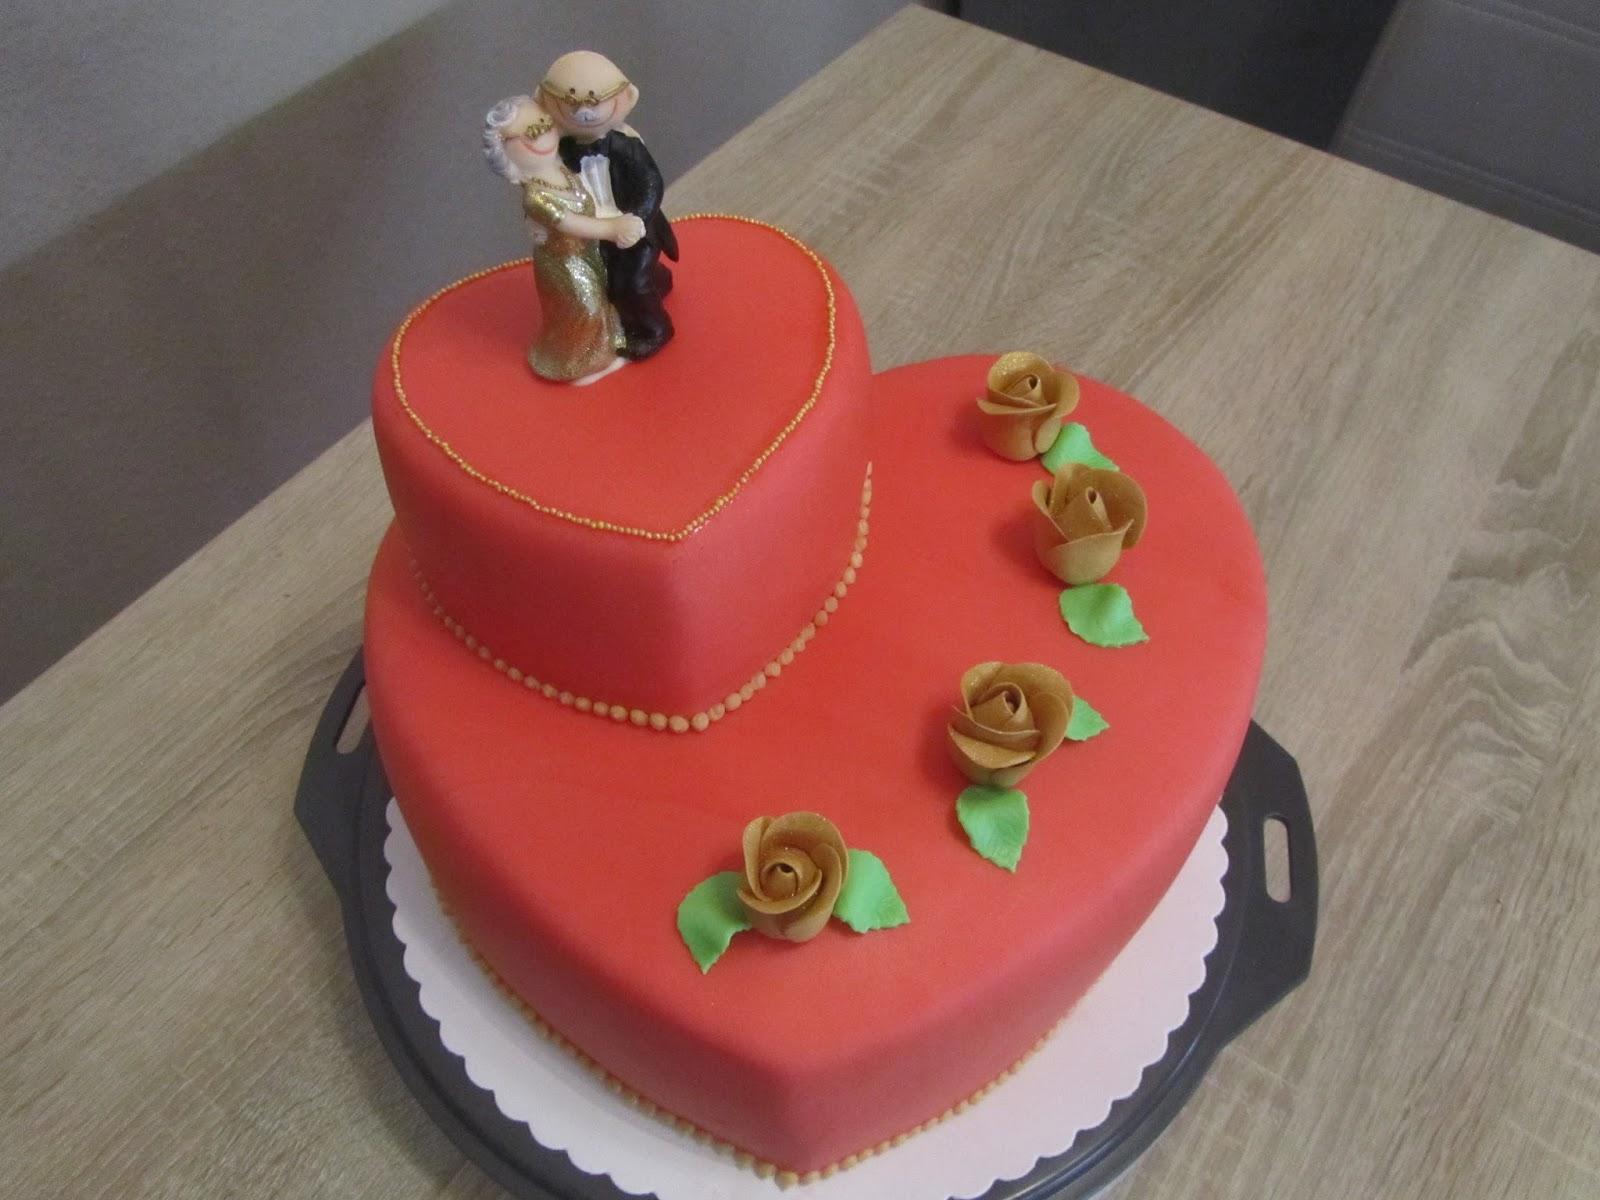 Torten goldene hochzeit for Kuchen mink bensheim